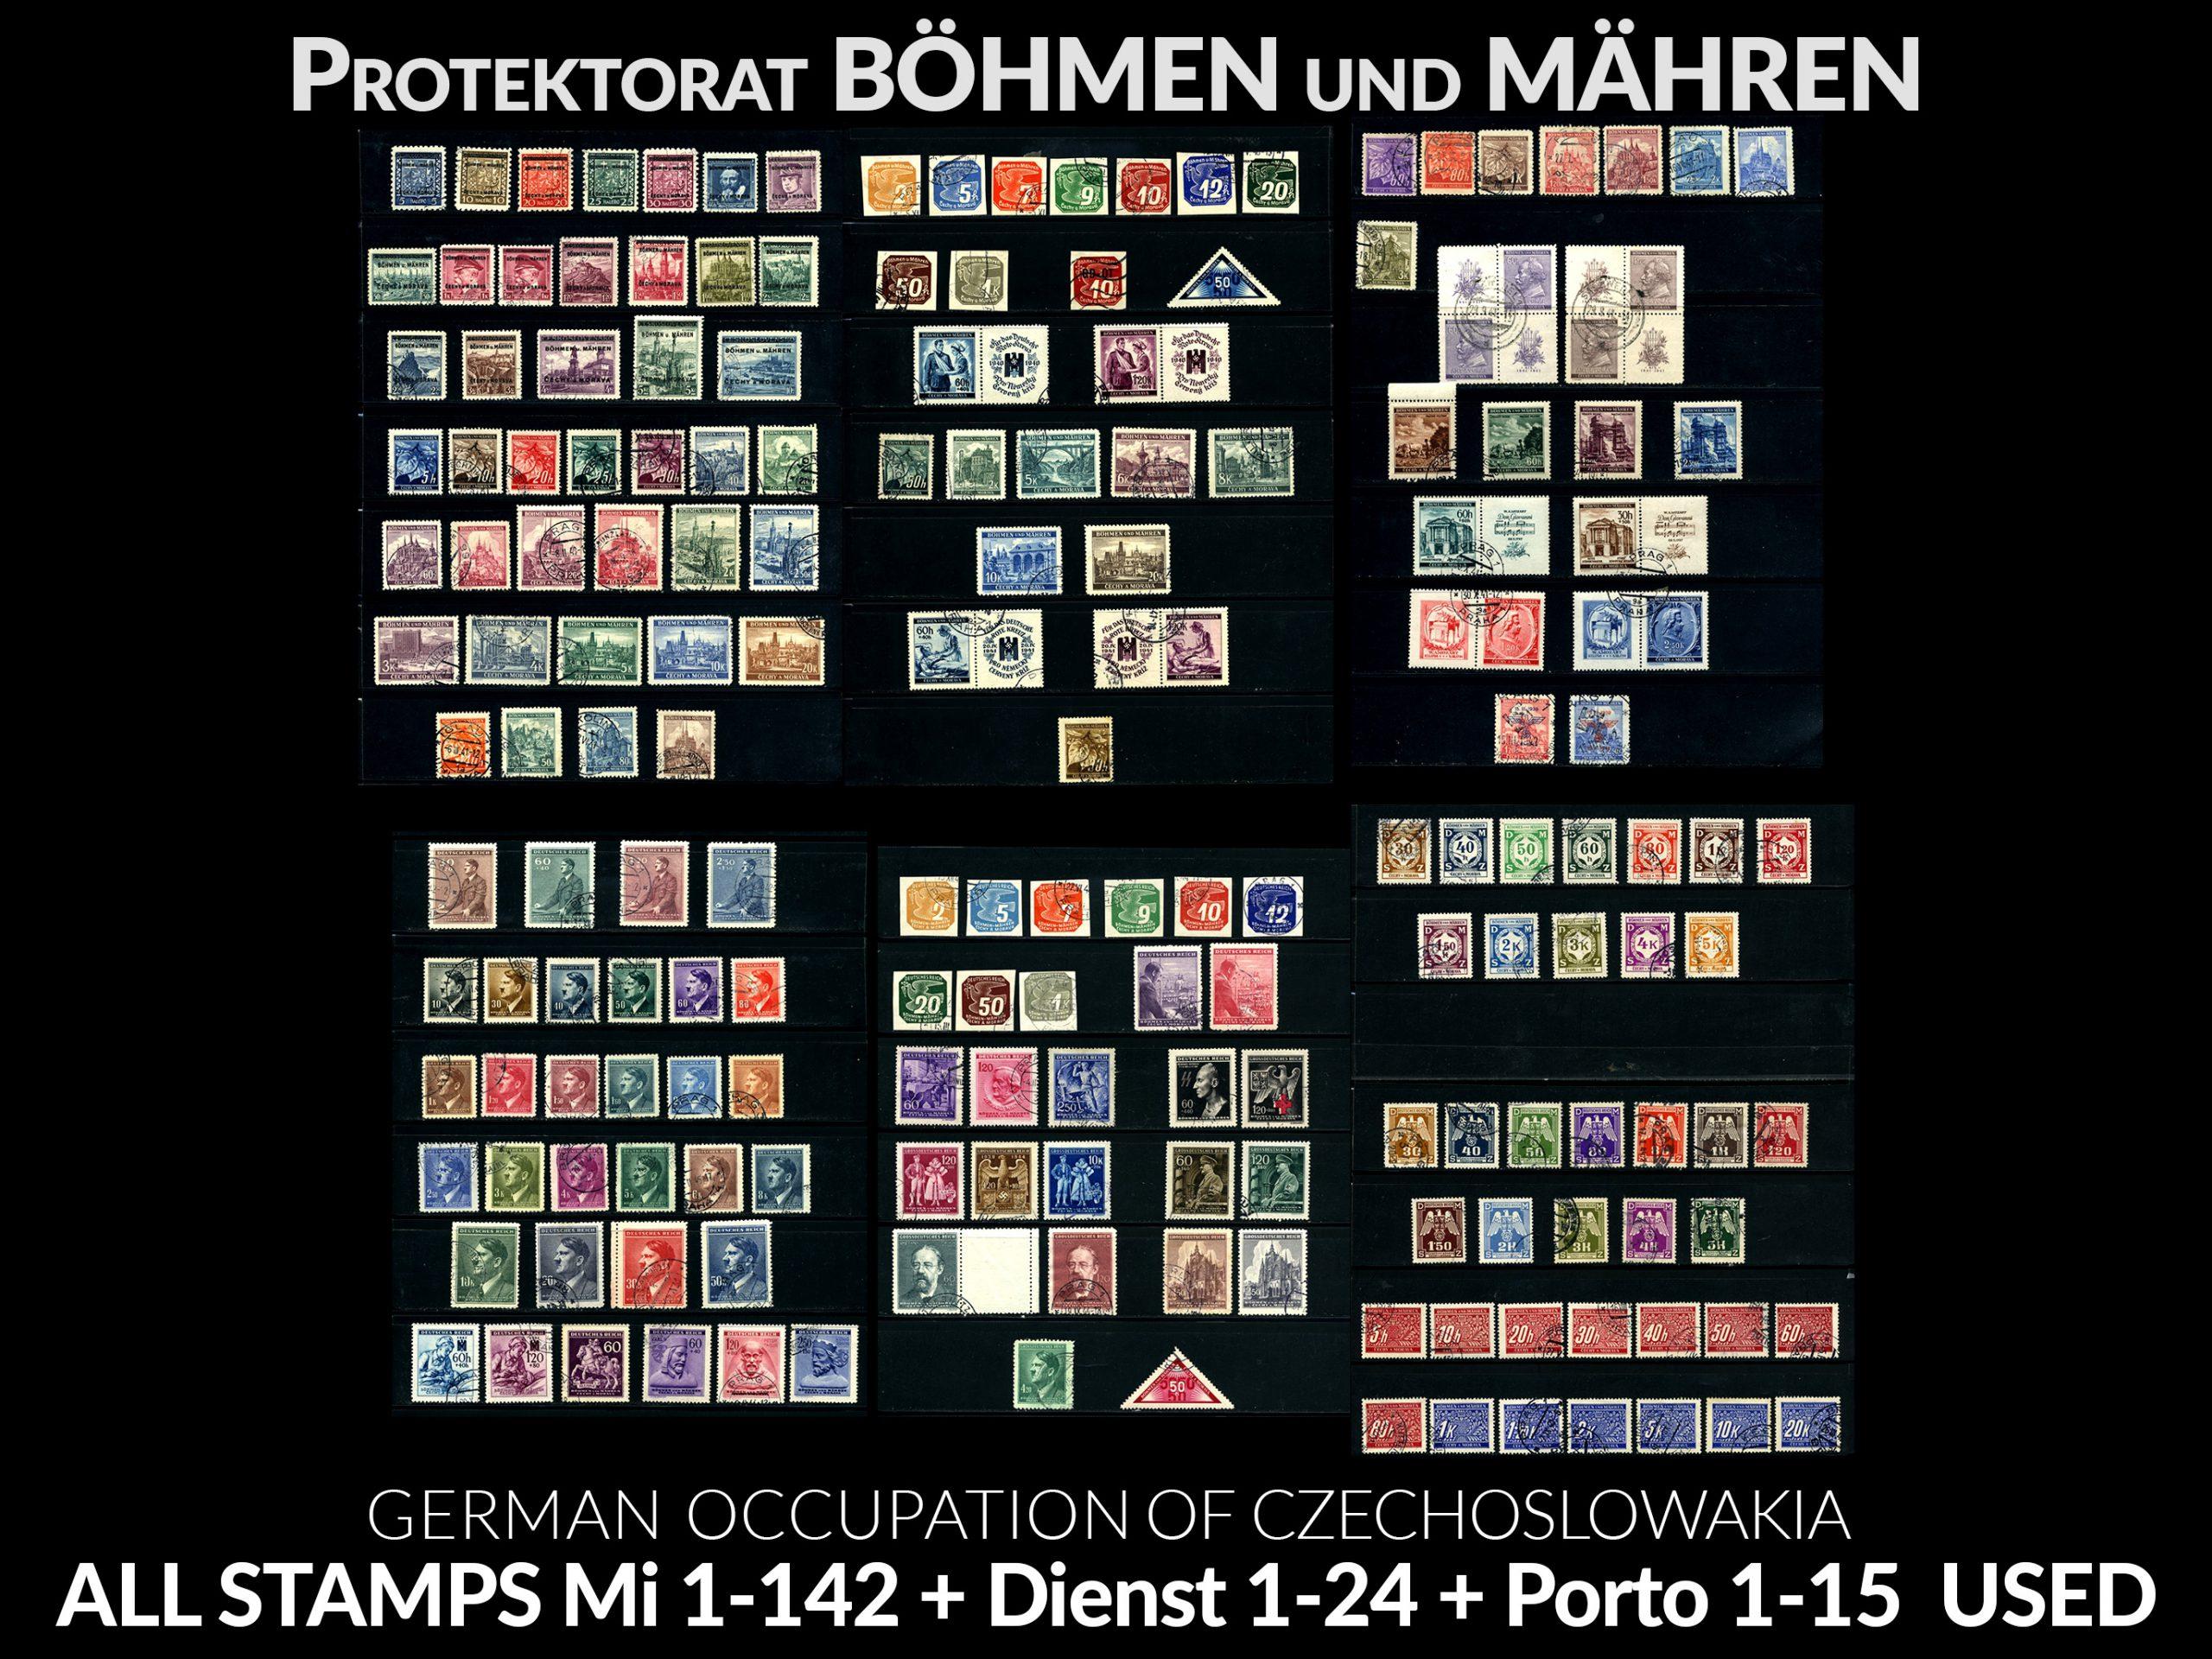 Komplet znaczków Protektorat Böhmen und Mähren 1-142 All stamps USED